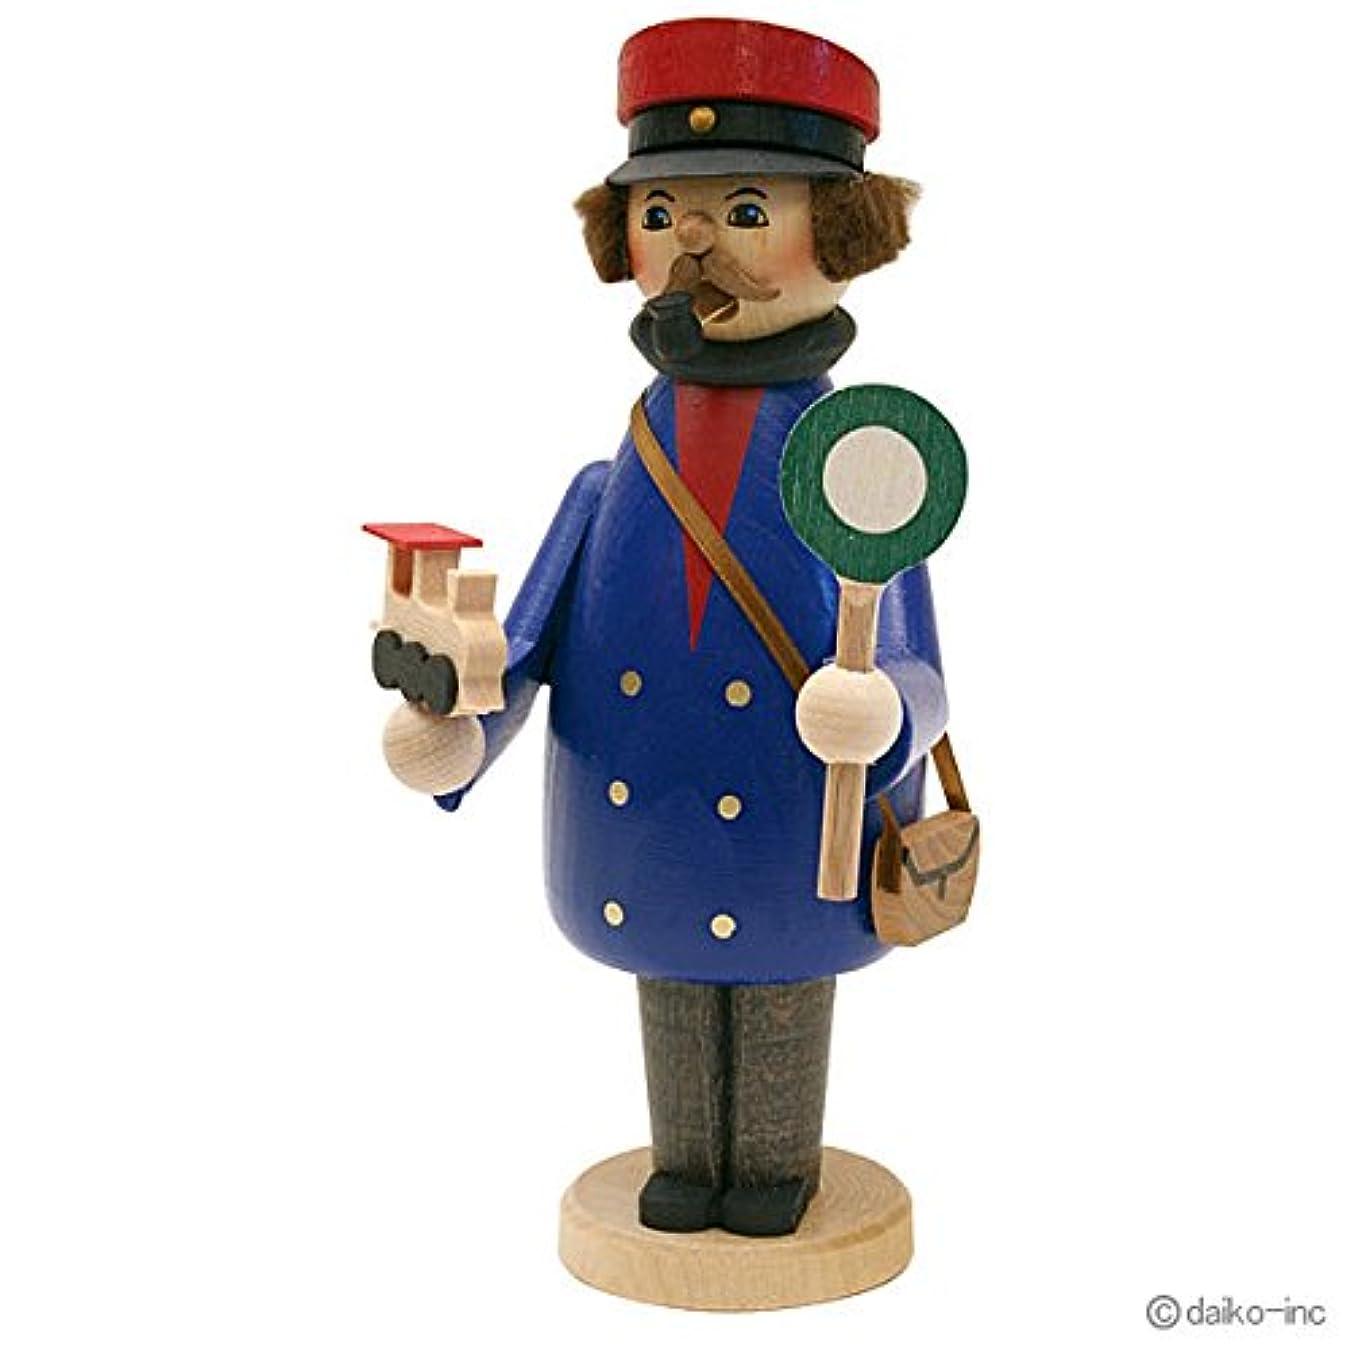 食堂ジョガー債務者kuhnert ミニパイプ人形香炉 鉄道員